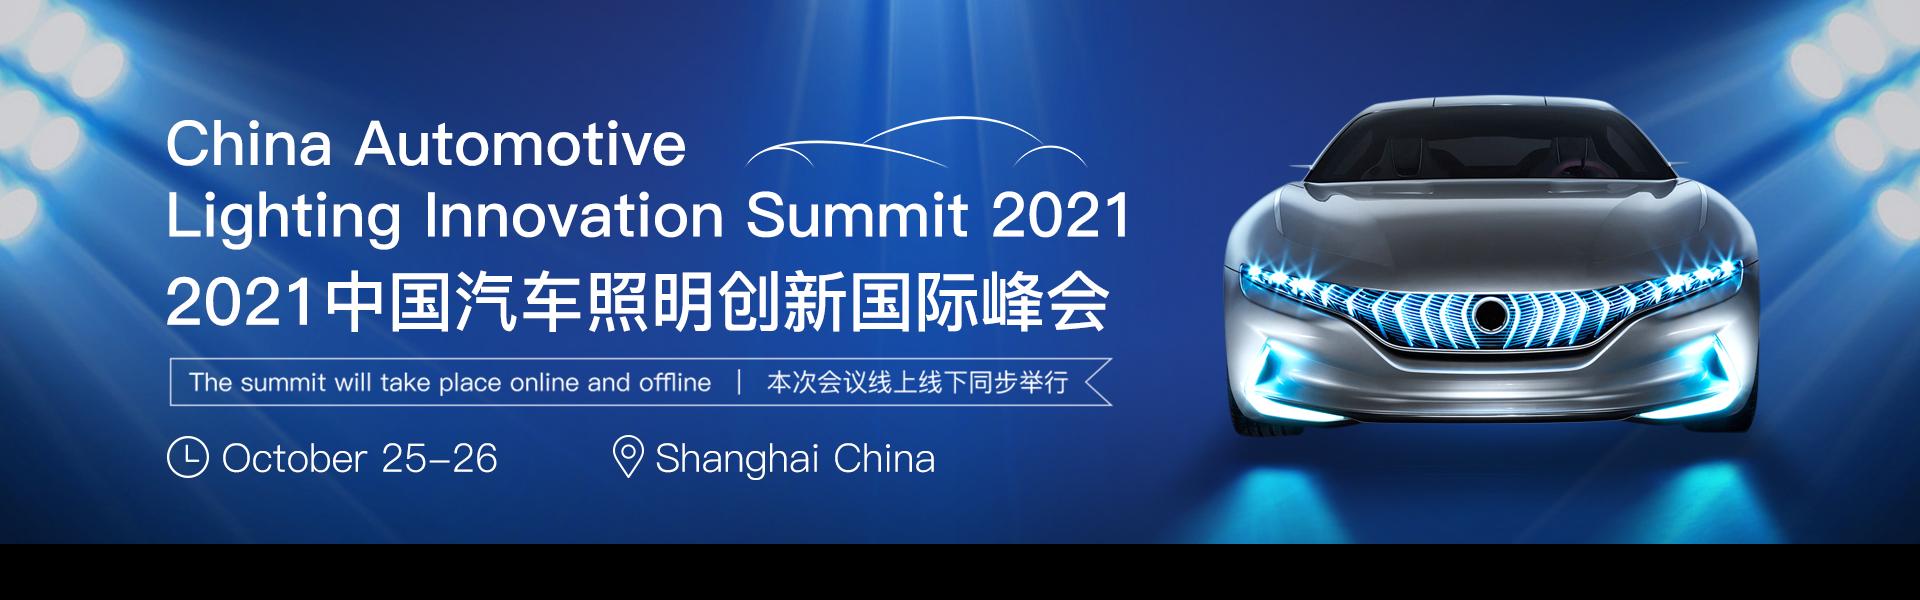 2021中国汽车照明创新国际峰会